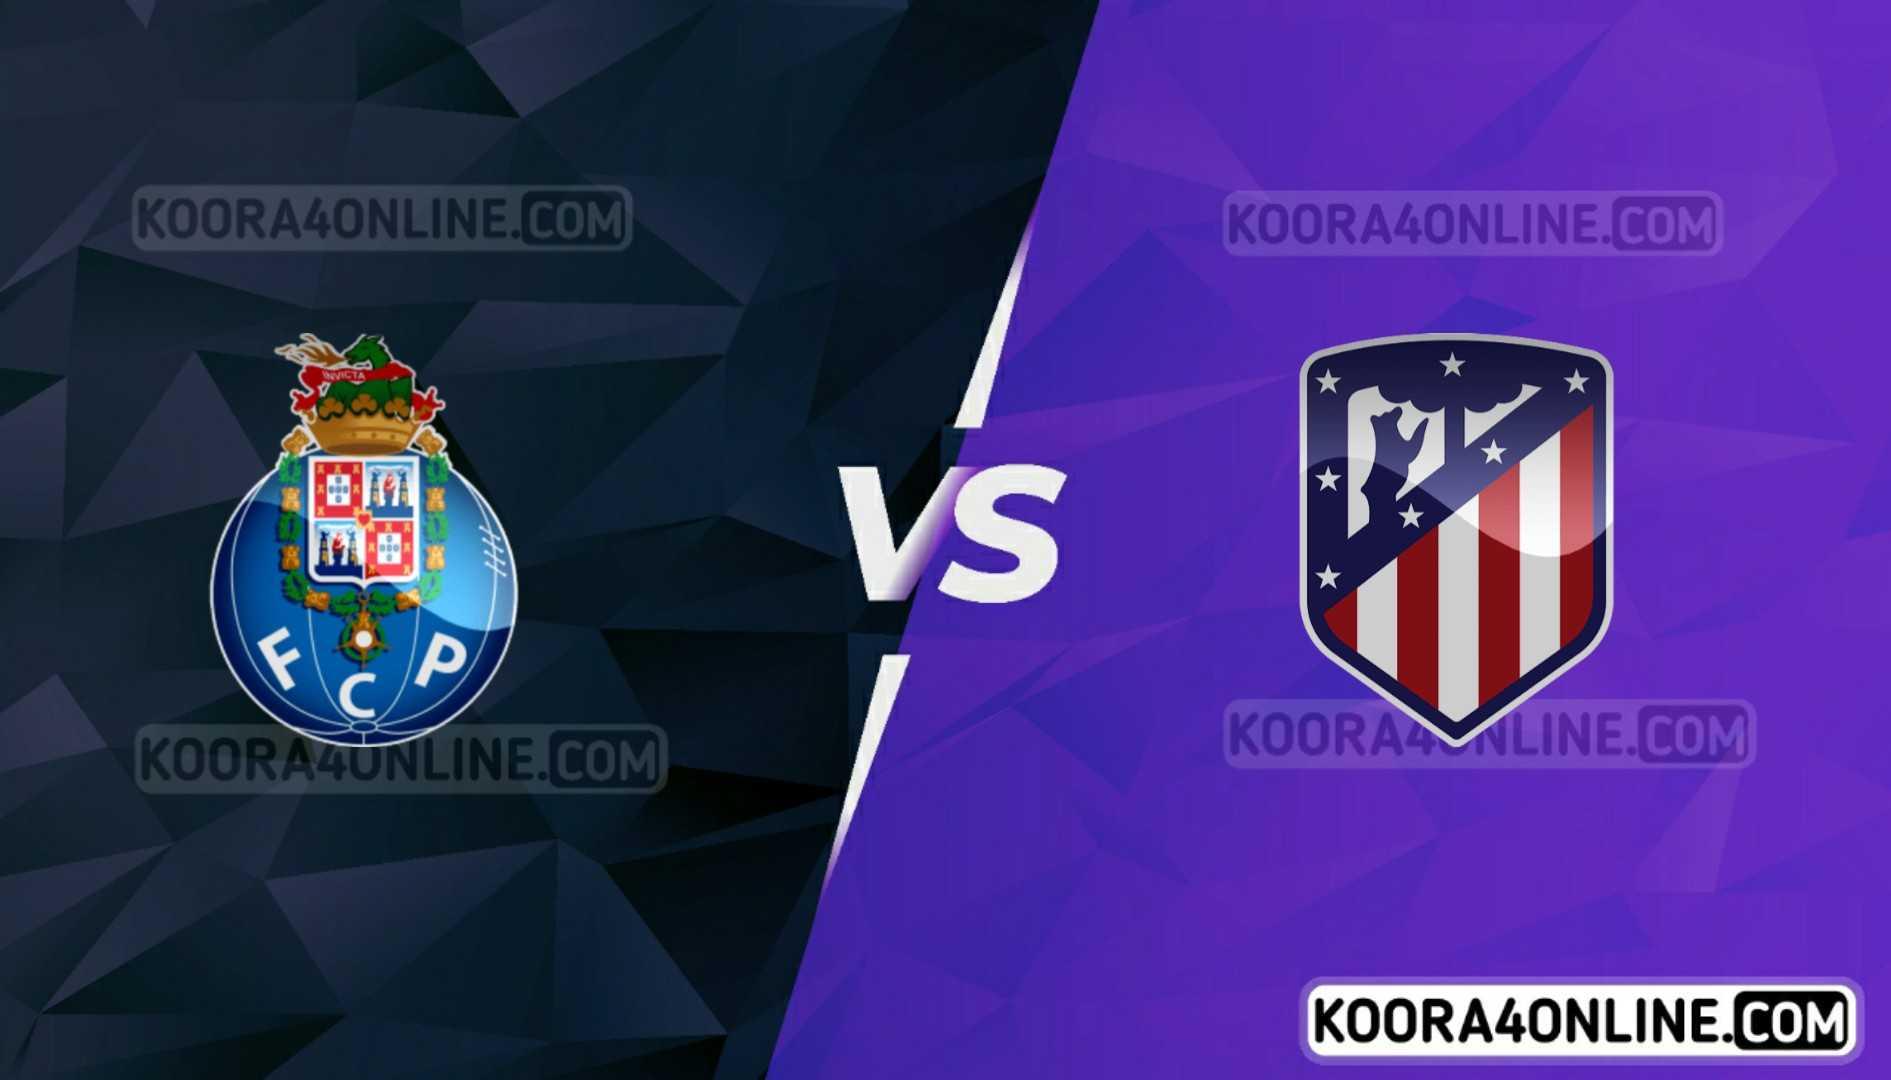 مشاهدة مباراة أتلتيكو مدريد وبورتو القادمة كورة اون لاين بث مباشر اليوم 15-09-2021 في دوري أبطال أوروبا